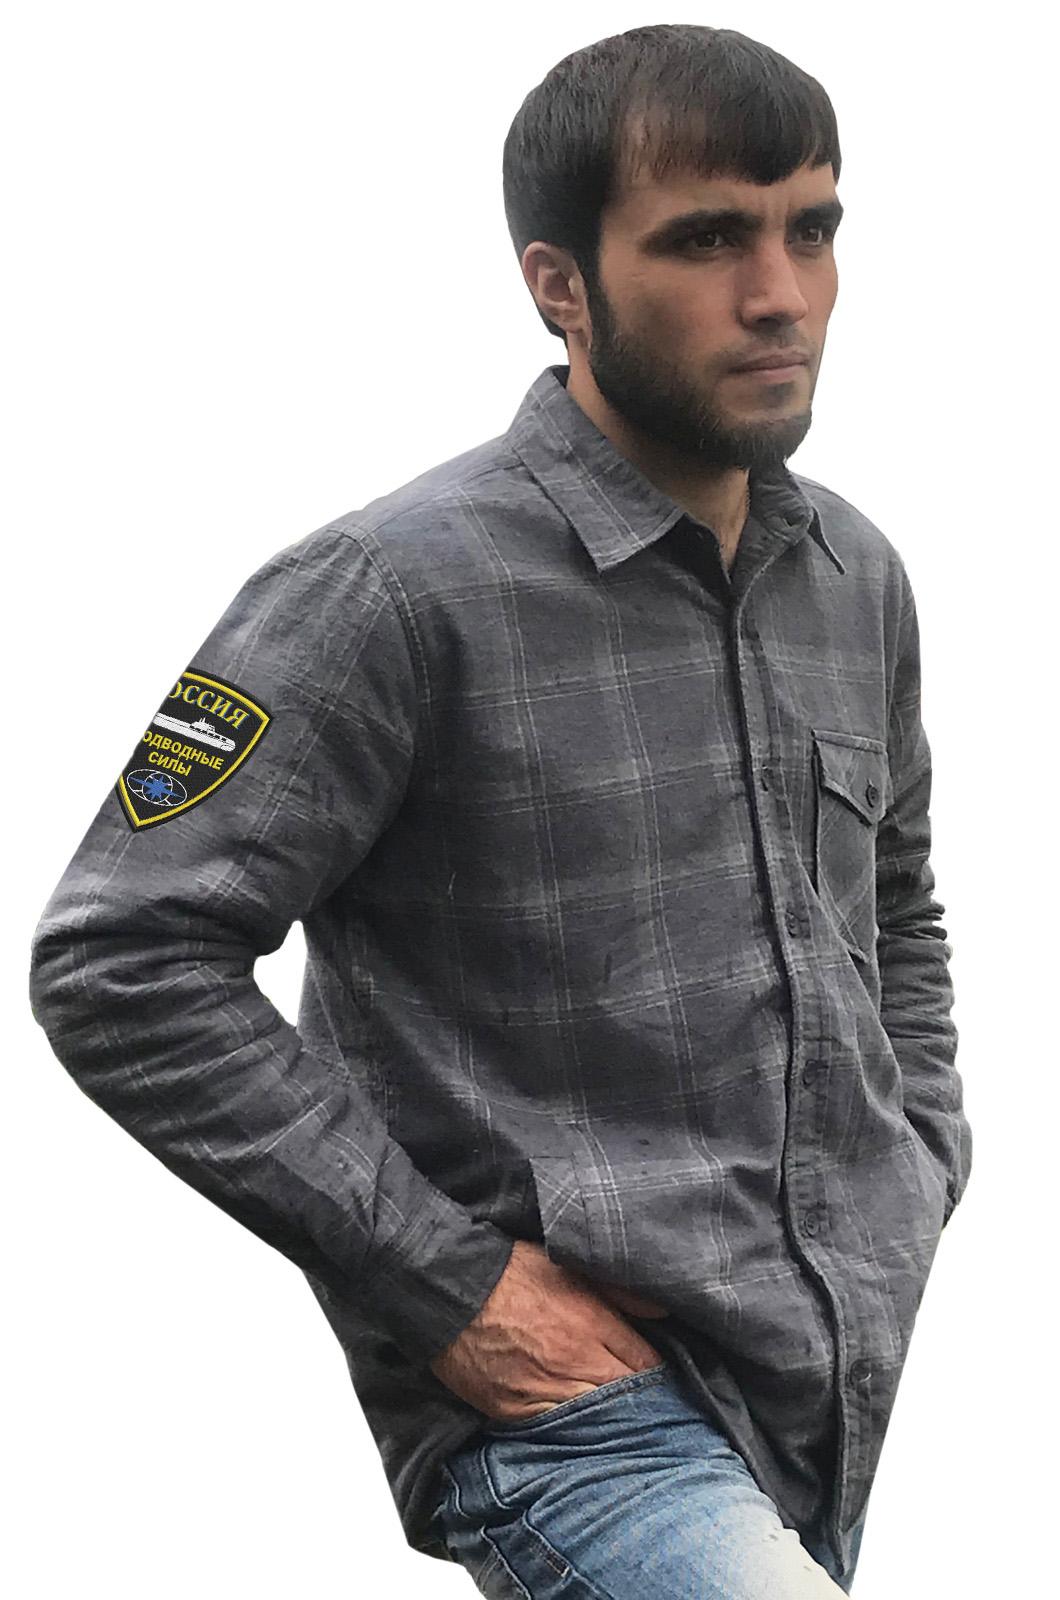 Удобная мужская рубашка с эмблемой Подводных сил России